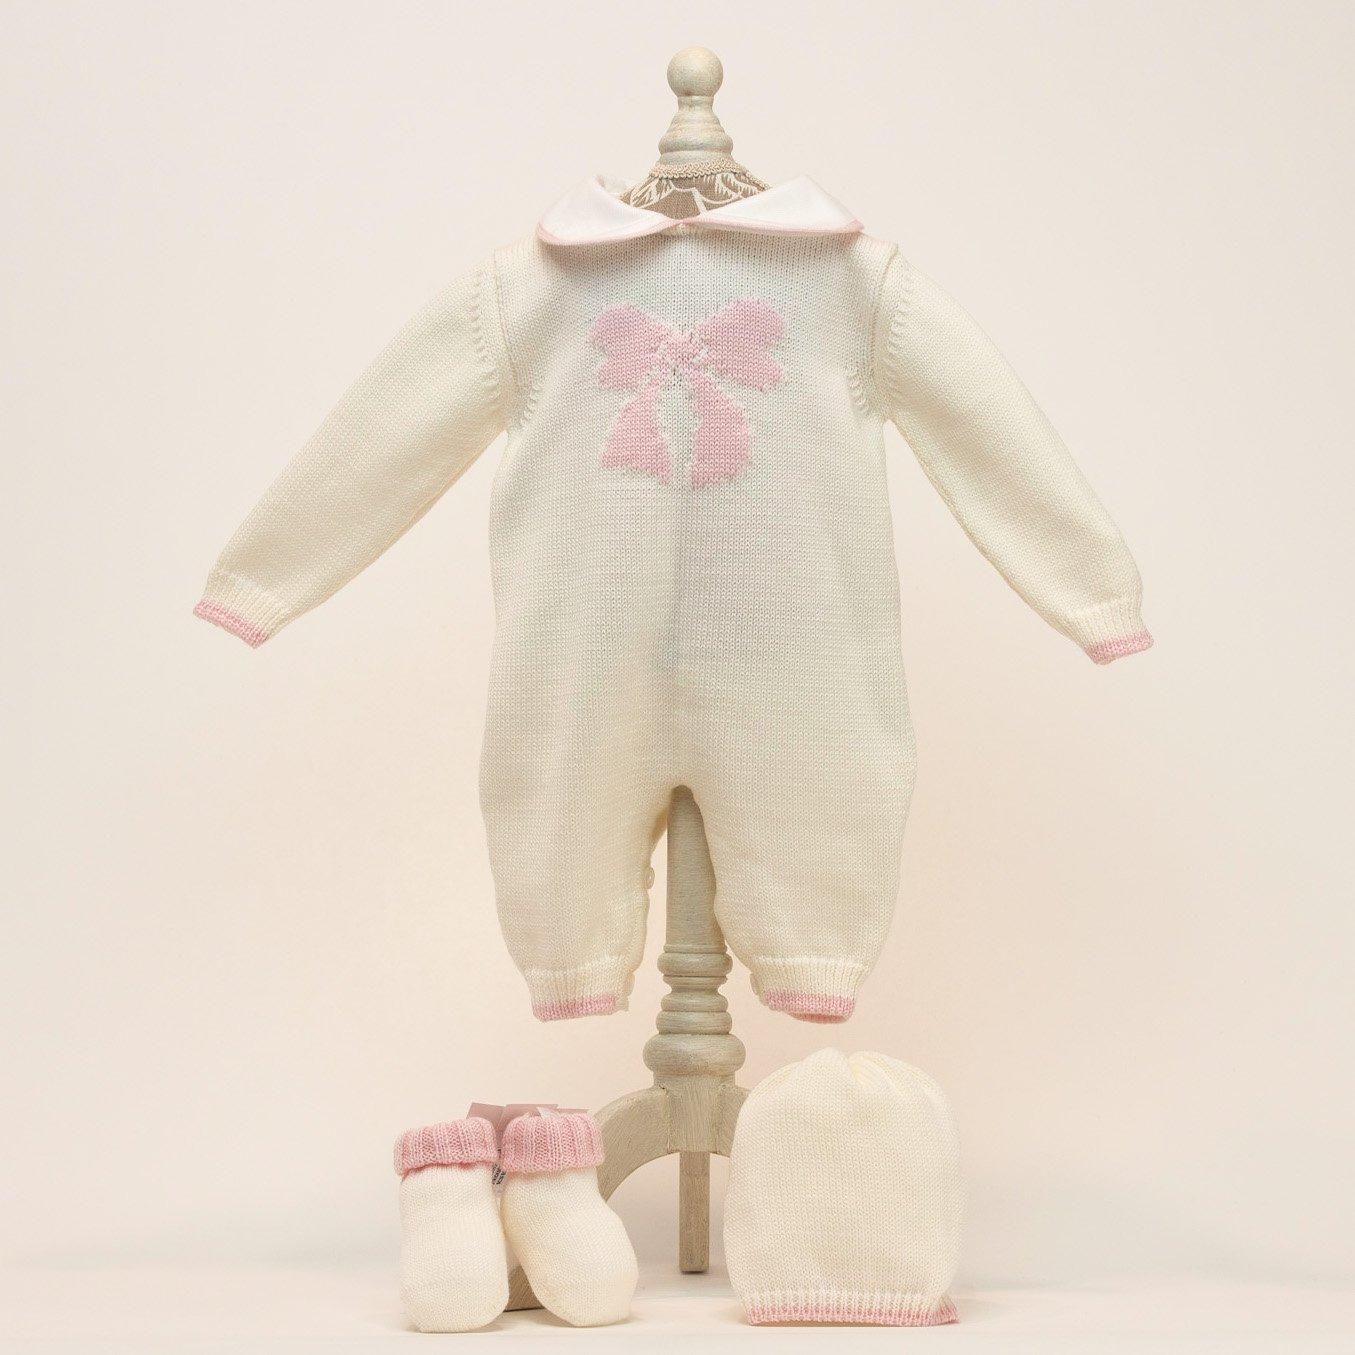 Babyshop - Baby Erstlings Set bestehend aus Strickoverall, Haube und Söckchen